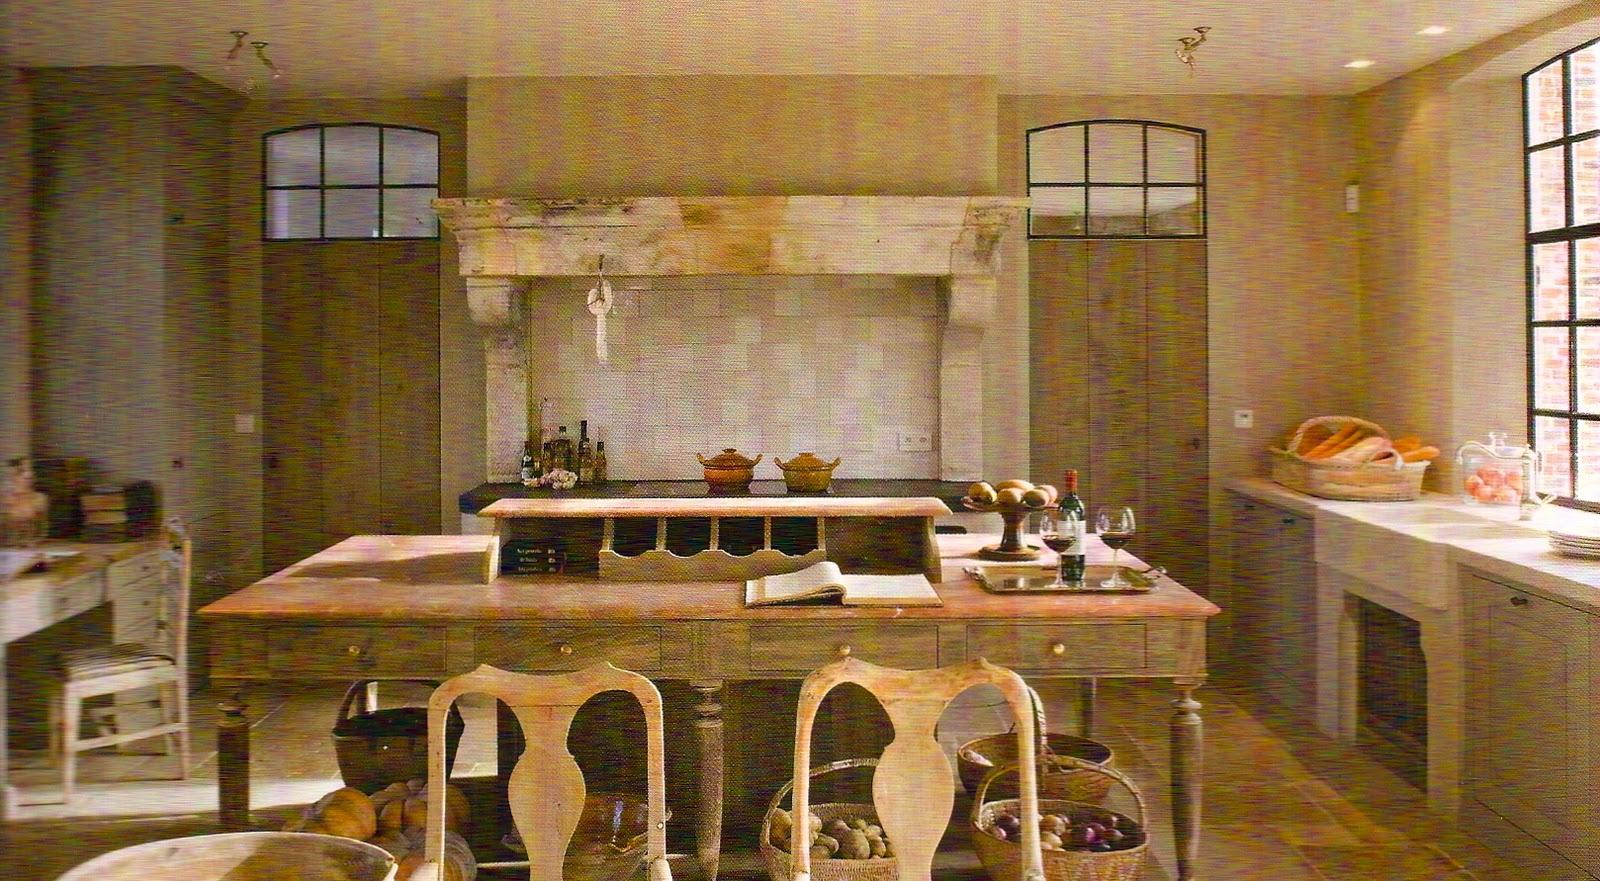 Kitchen Decor Cheap Kitchen Remodeling: Décor De Provence: The Perfect Belgian Kitchen